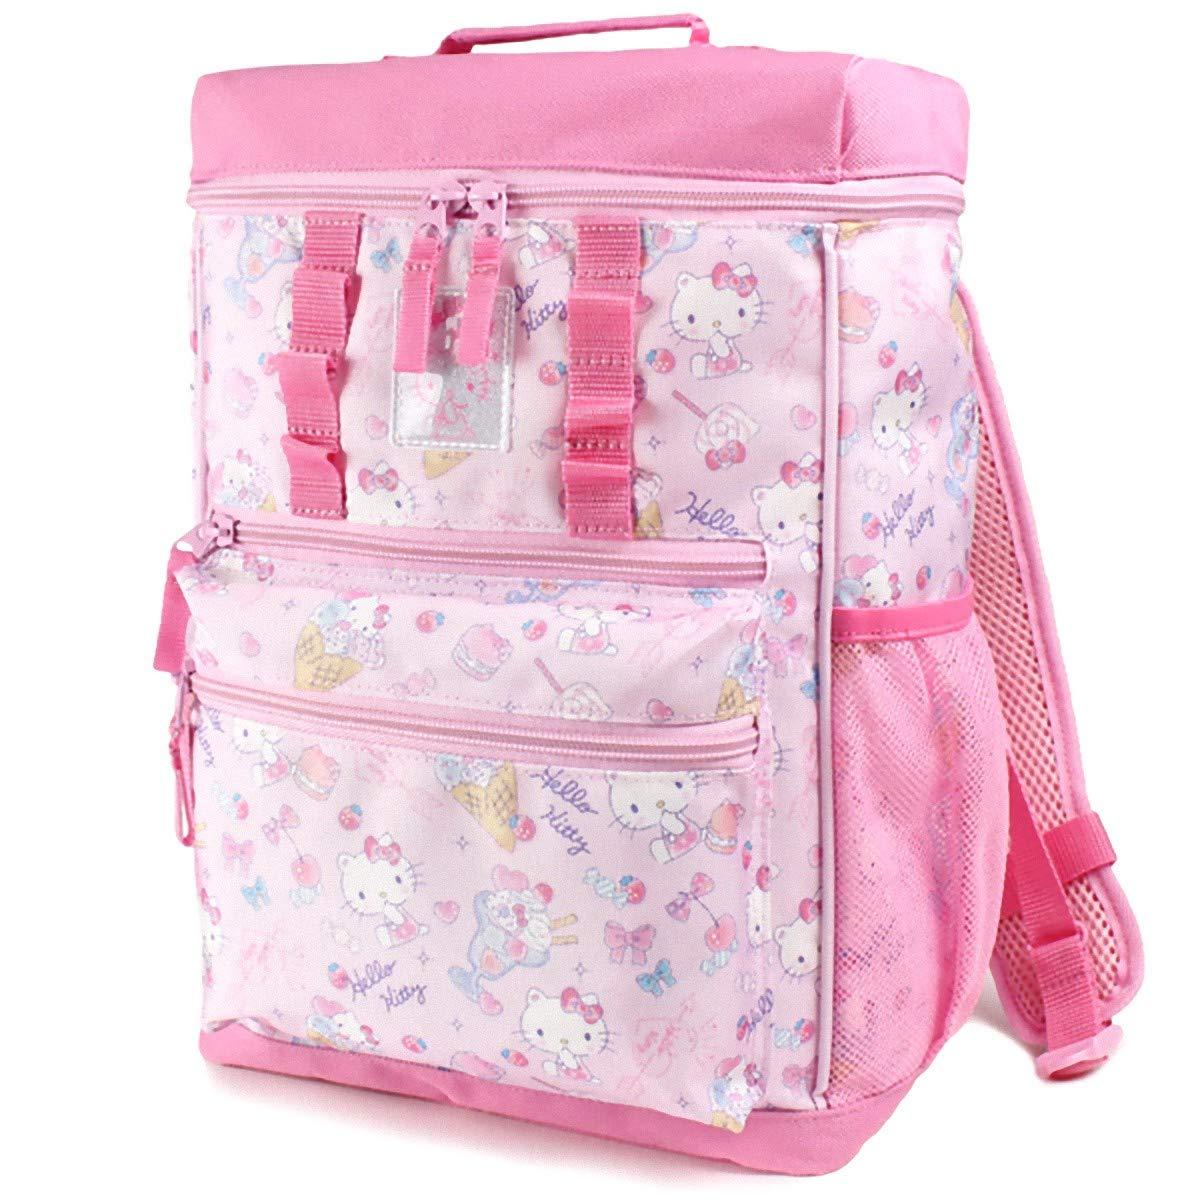 HELLO KITTY 多功能双肩包 附带可取出底部物品的装饰袋 儿童 防雨防水罩 085617